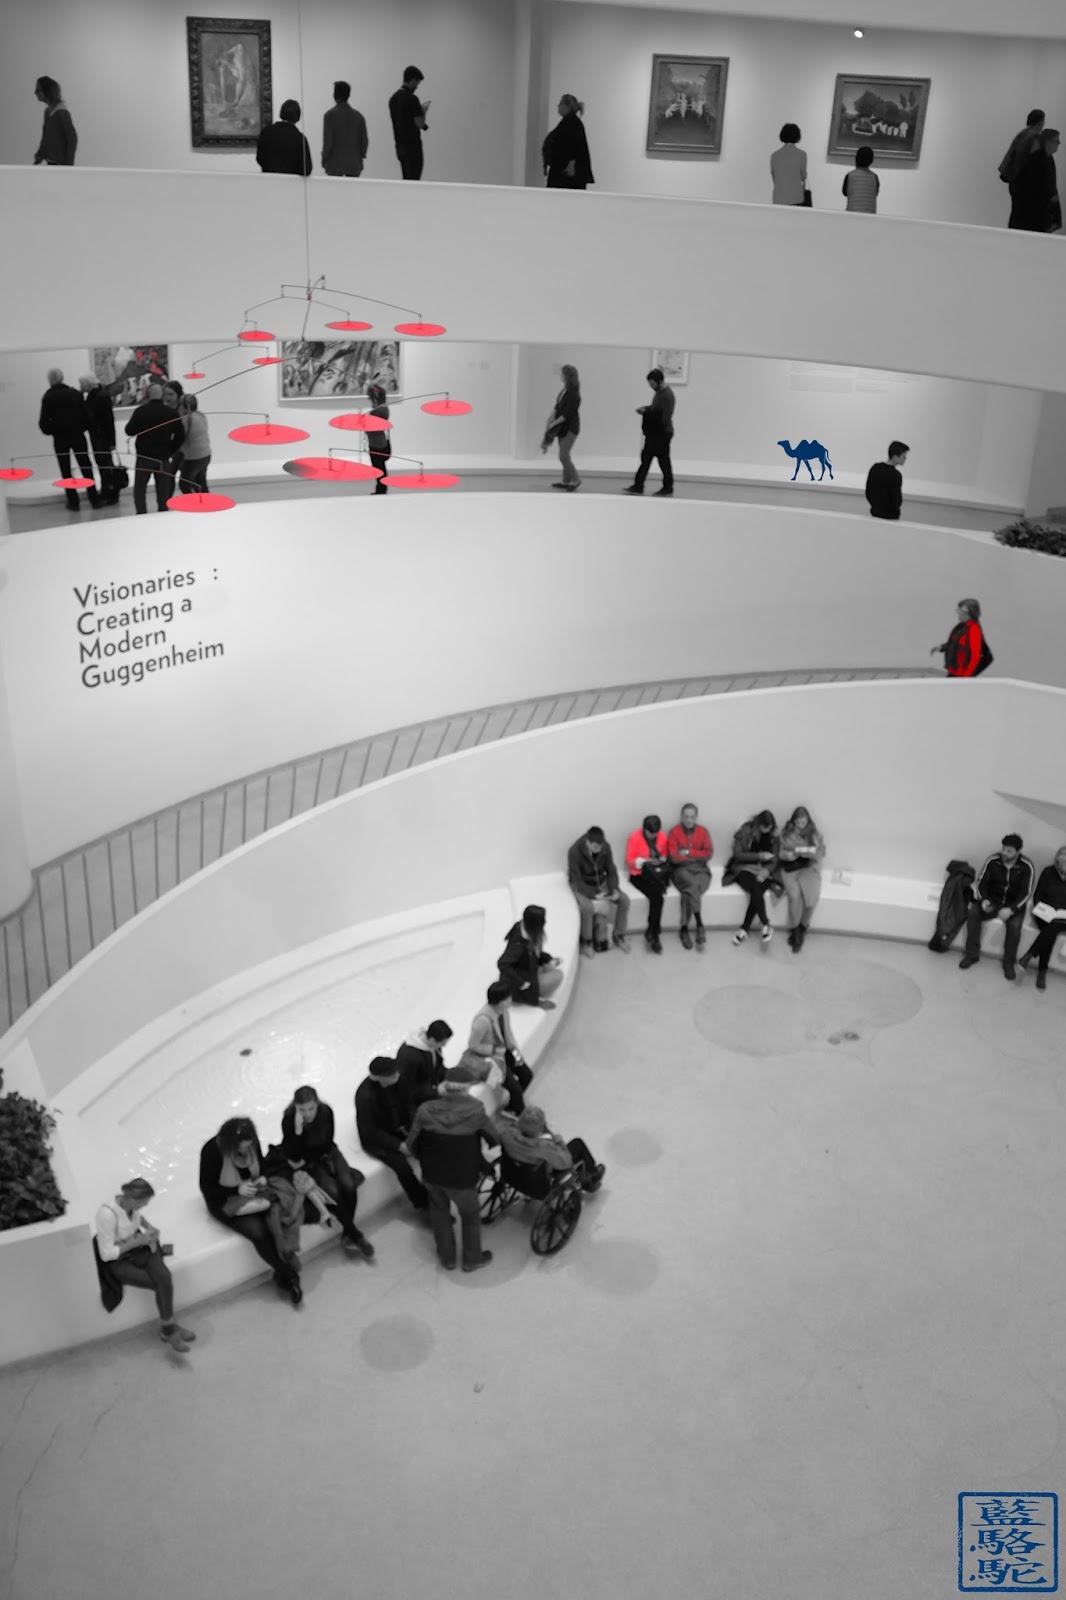 Le Chameau Bleu - Que faire à New York - Visite du Musée Guggenheim